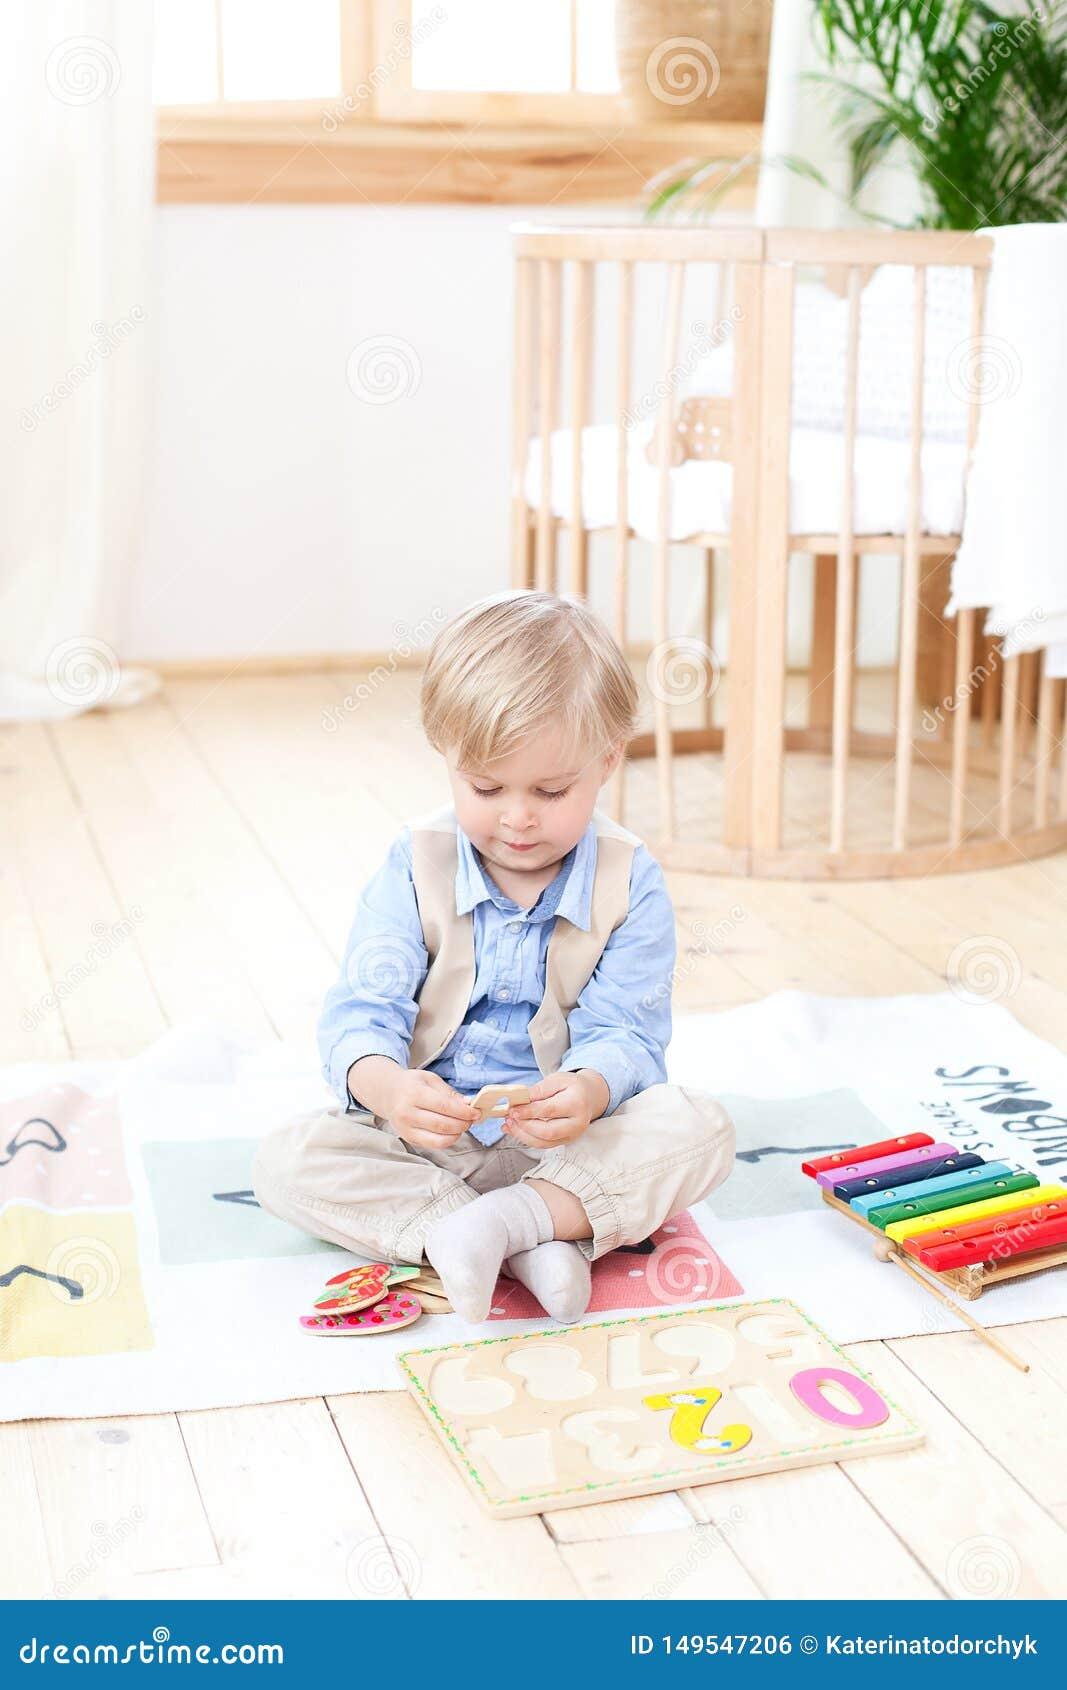 Il ragazzo gioca con i giocattoli di legno a casa Giocattoli di legno educativi per il bambino Ritratto di un ragazzo che si sied